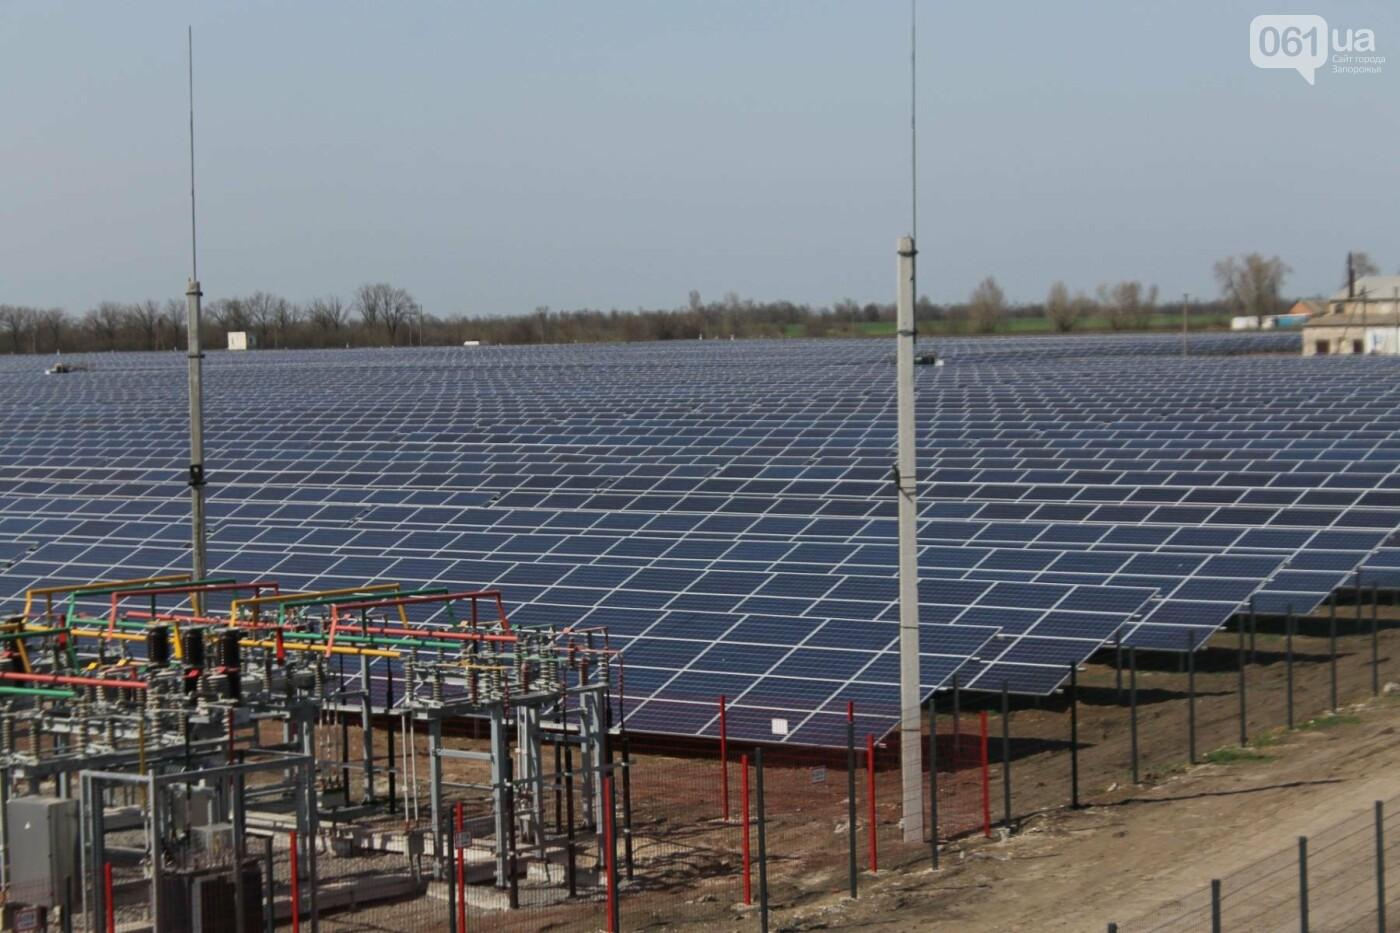 В запорожской громаде на месте свалки построили солнечную электростанцию: как она выглядит, – ФОТОРЕПОРТАЖ, фото-8